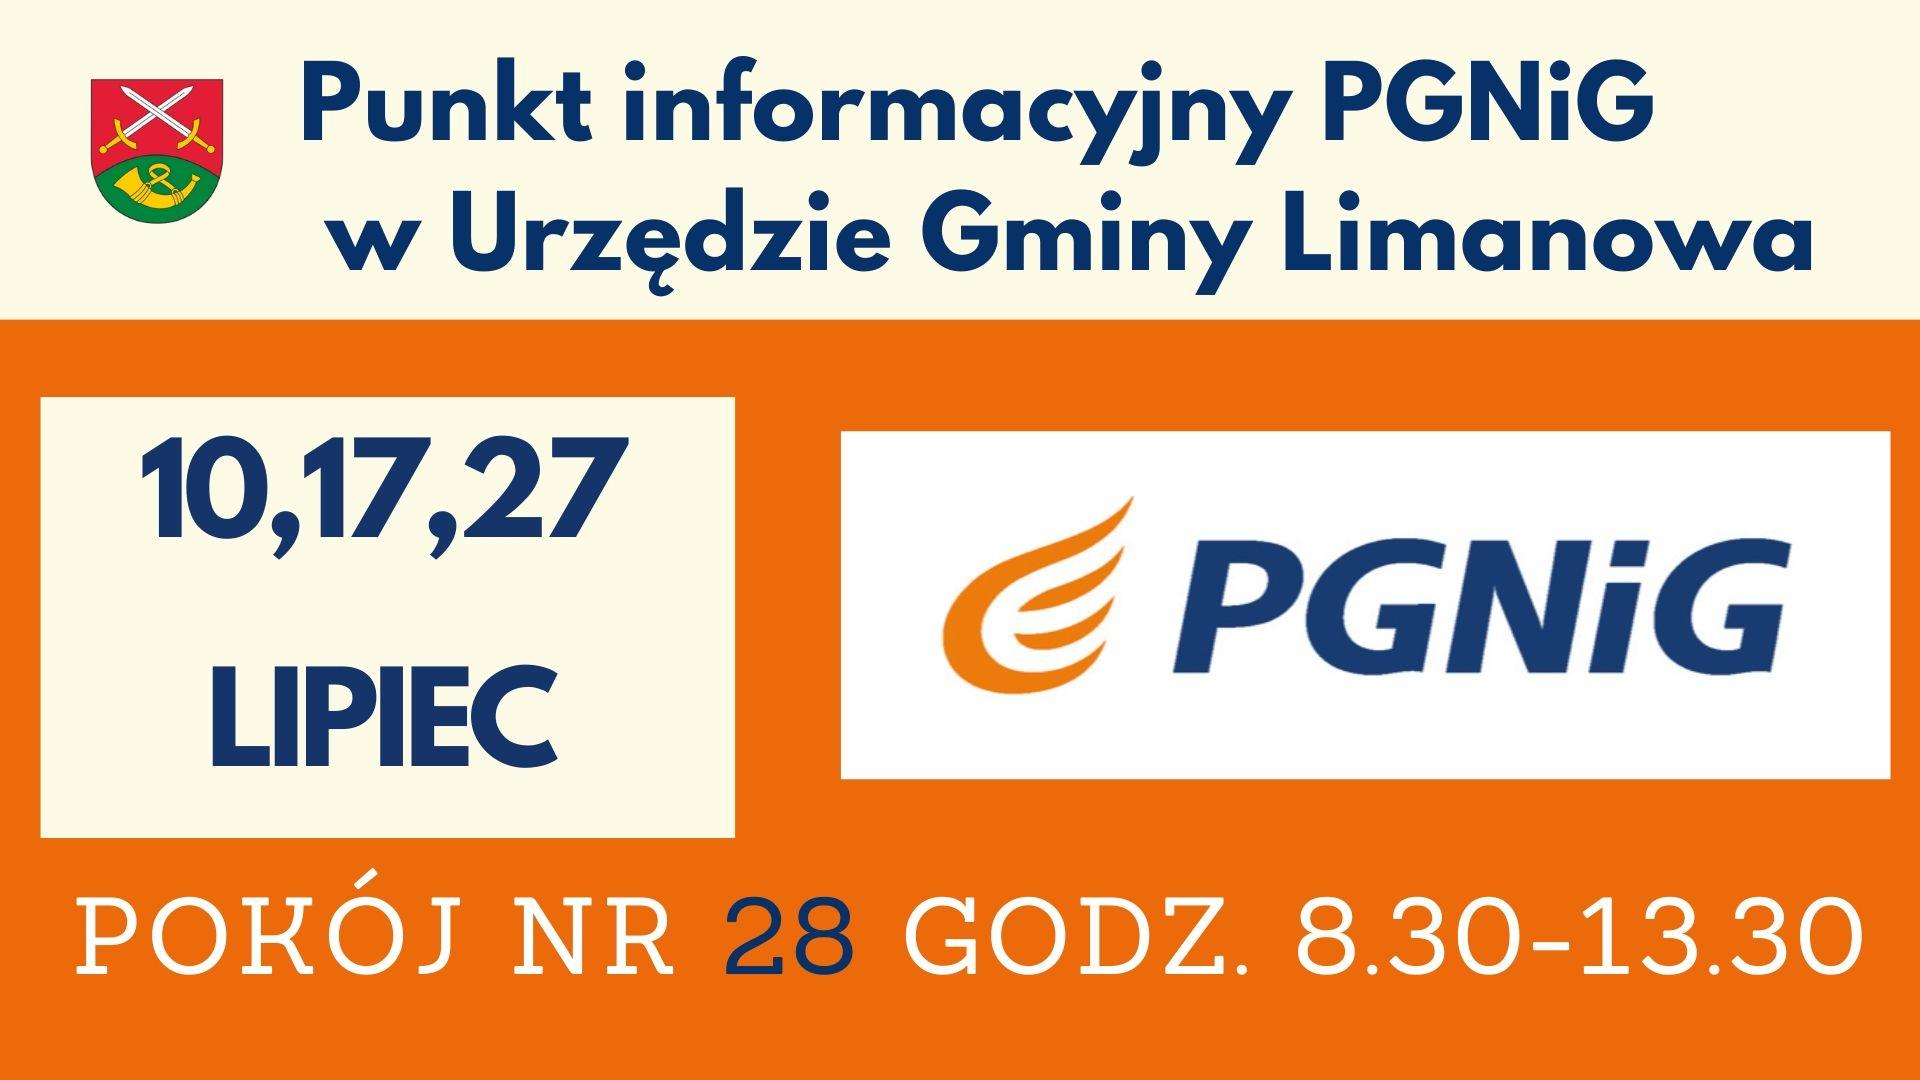 Lipcowe terminy dyżurów doradcy PGNiG w Urzędzie Gminy Limanowa - zdjęcie główne